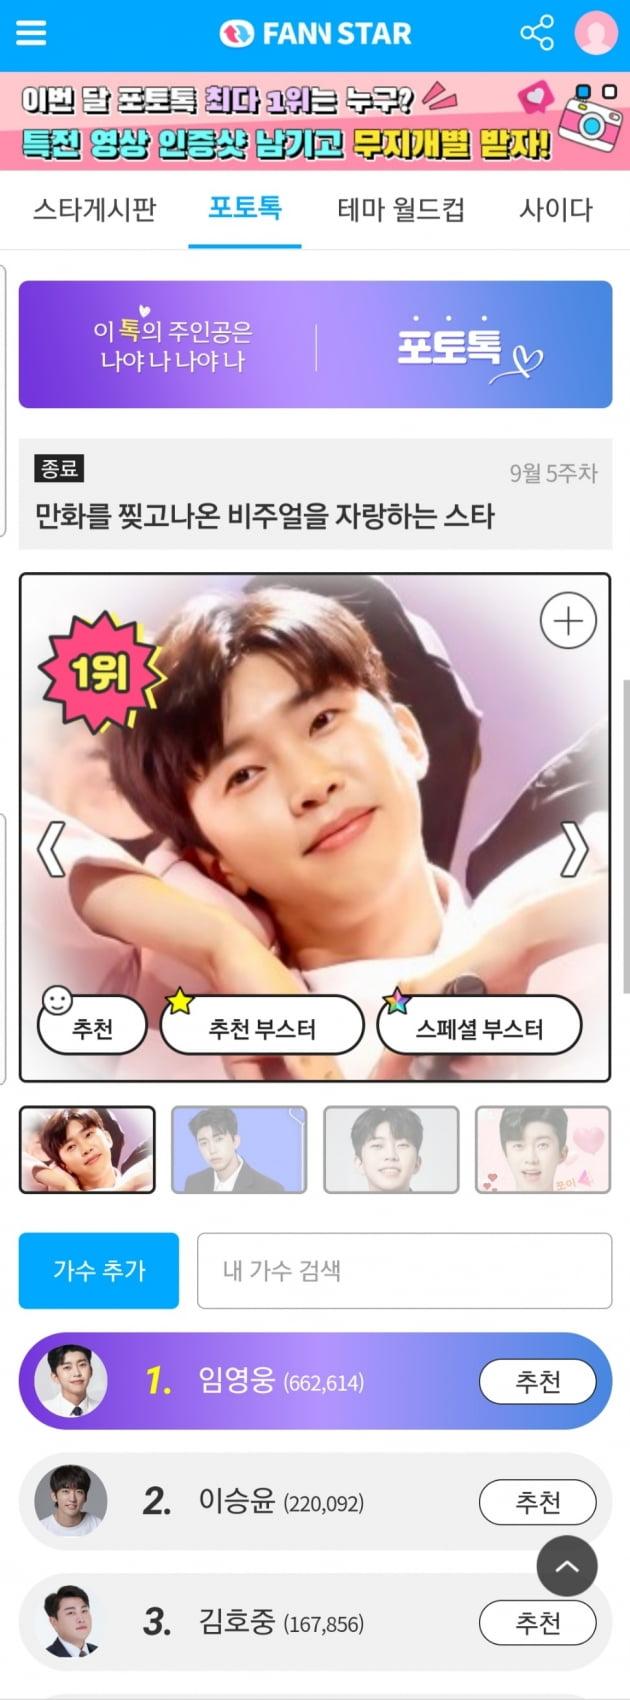 '만찢남' 임영웅, 투표로도 입증…만화를 찢고 나온 비주얼 스타 1위